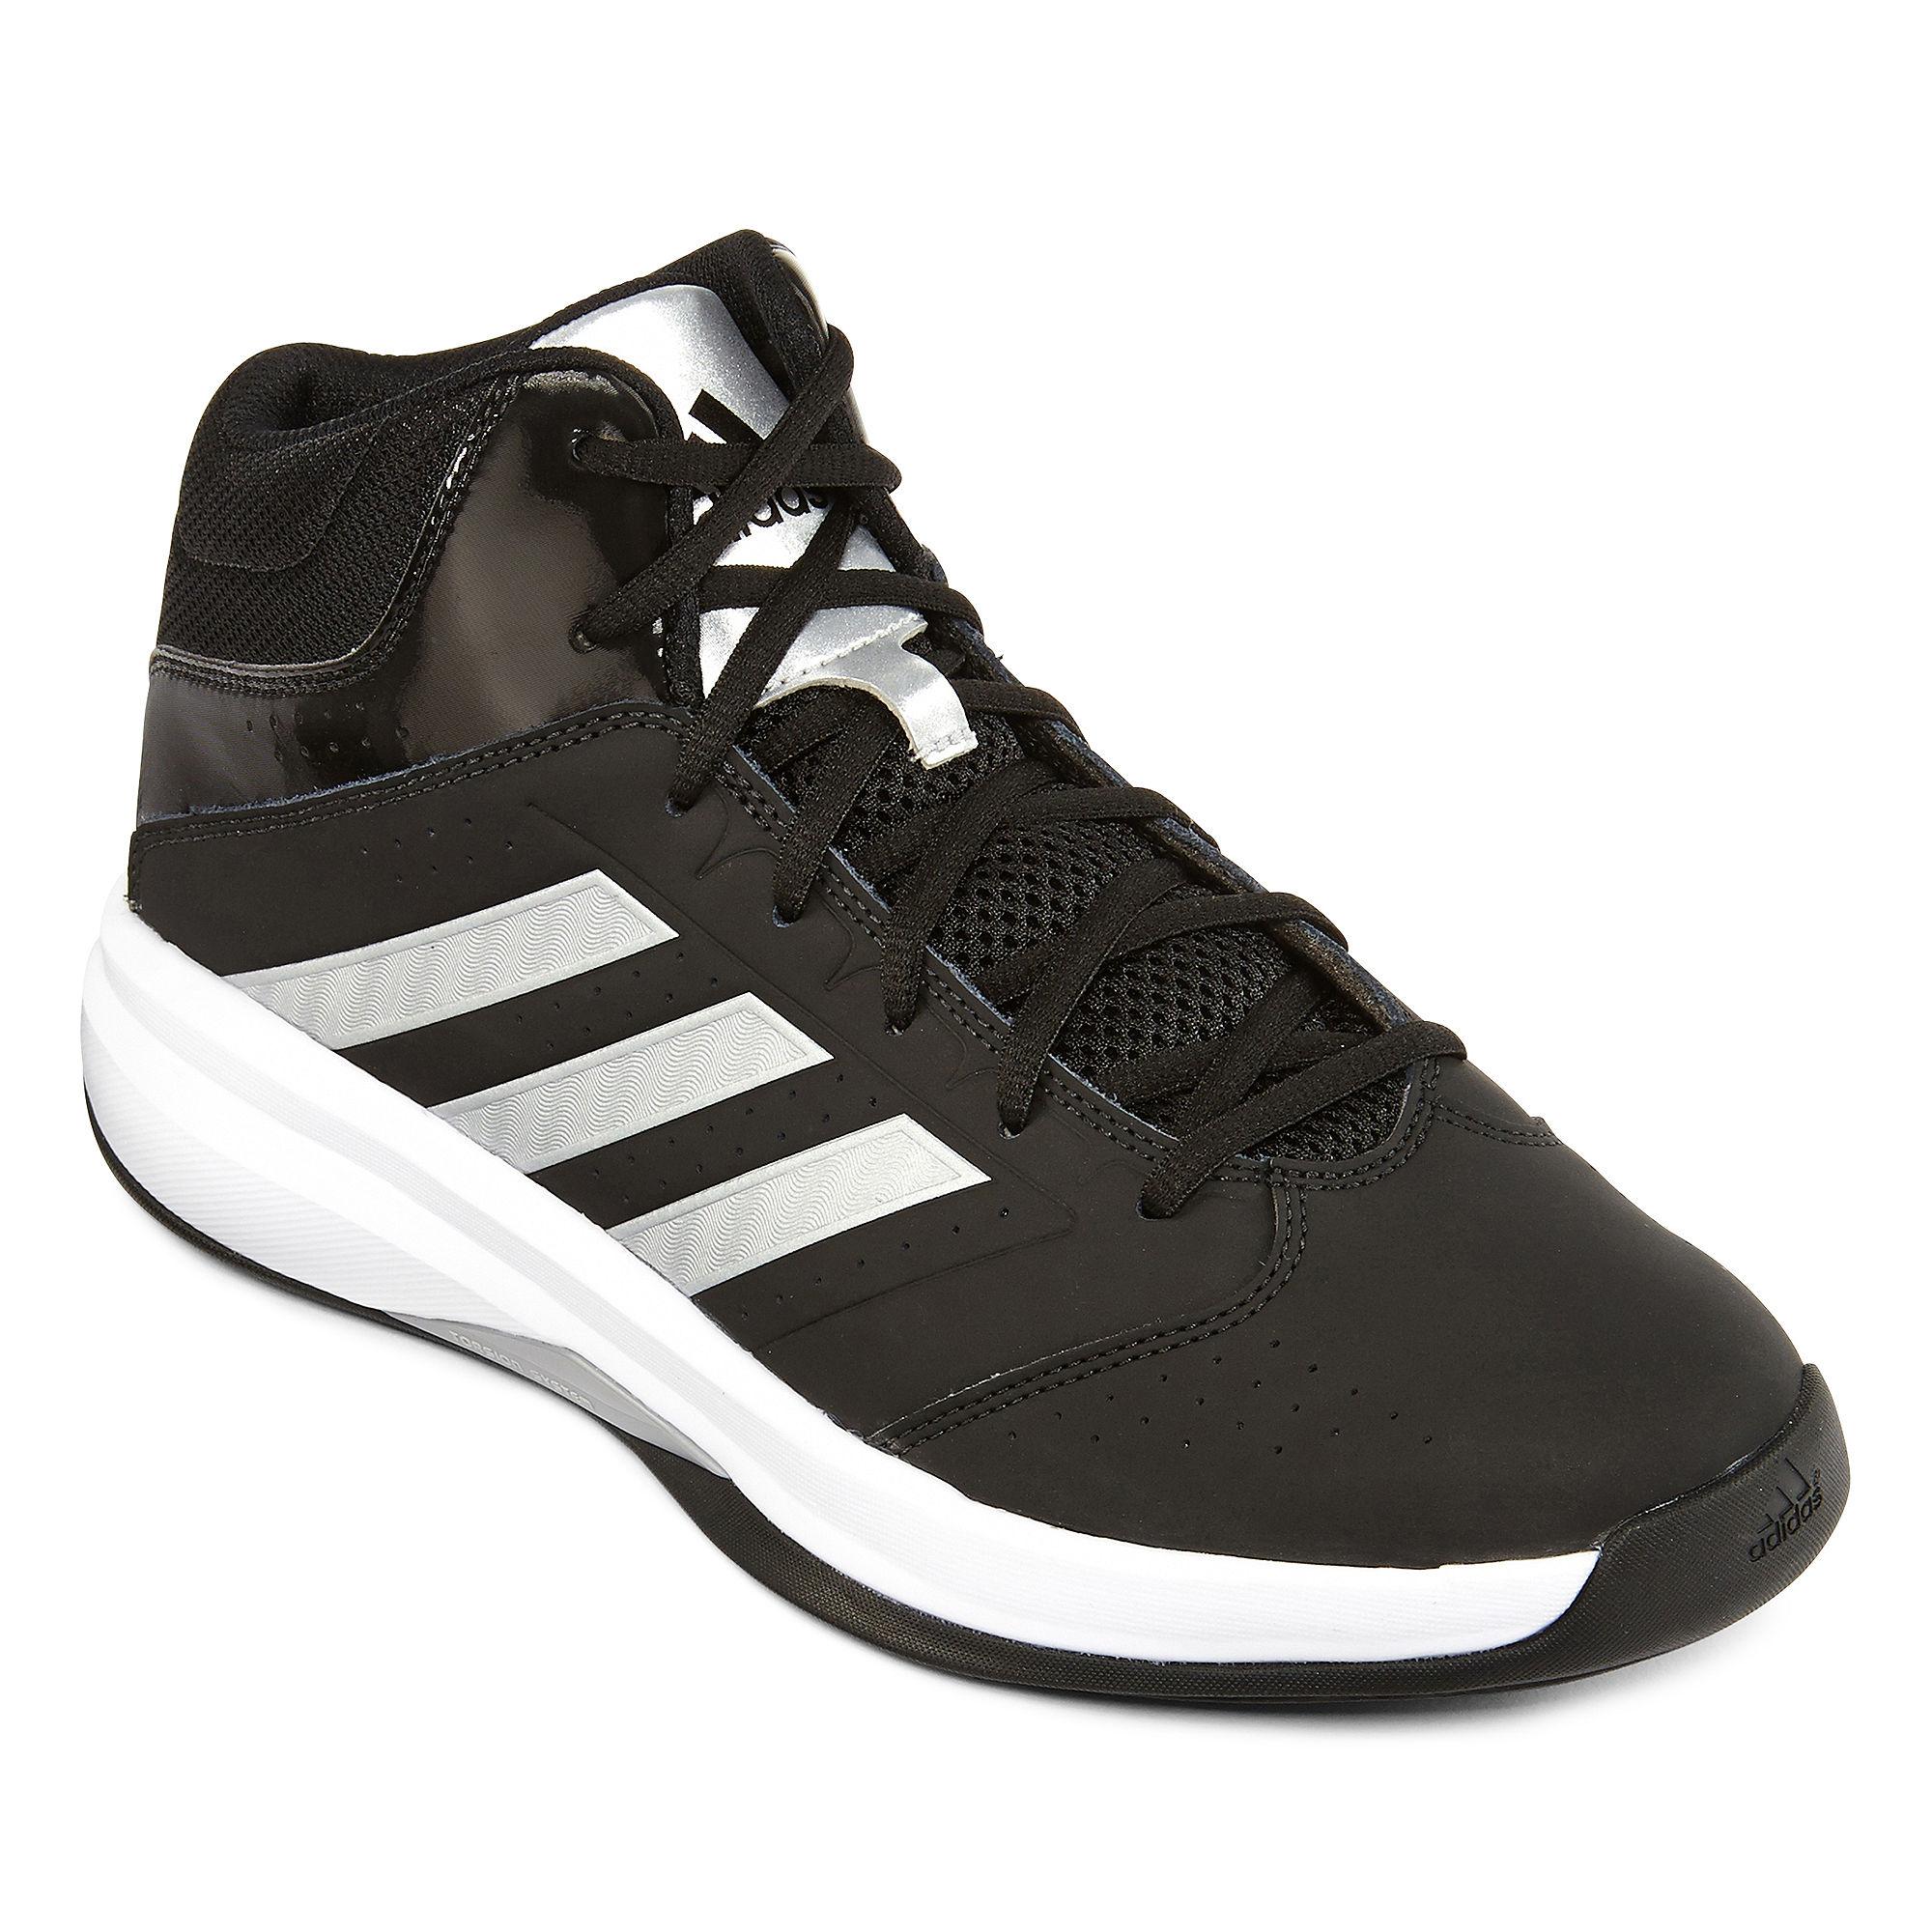 39da99ef71b ... UPC 887383671054 product image for adidas Isolation 2 Mens Basketball  Shoes